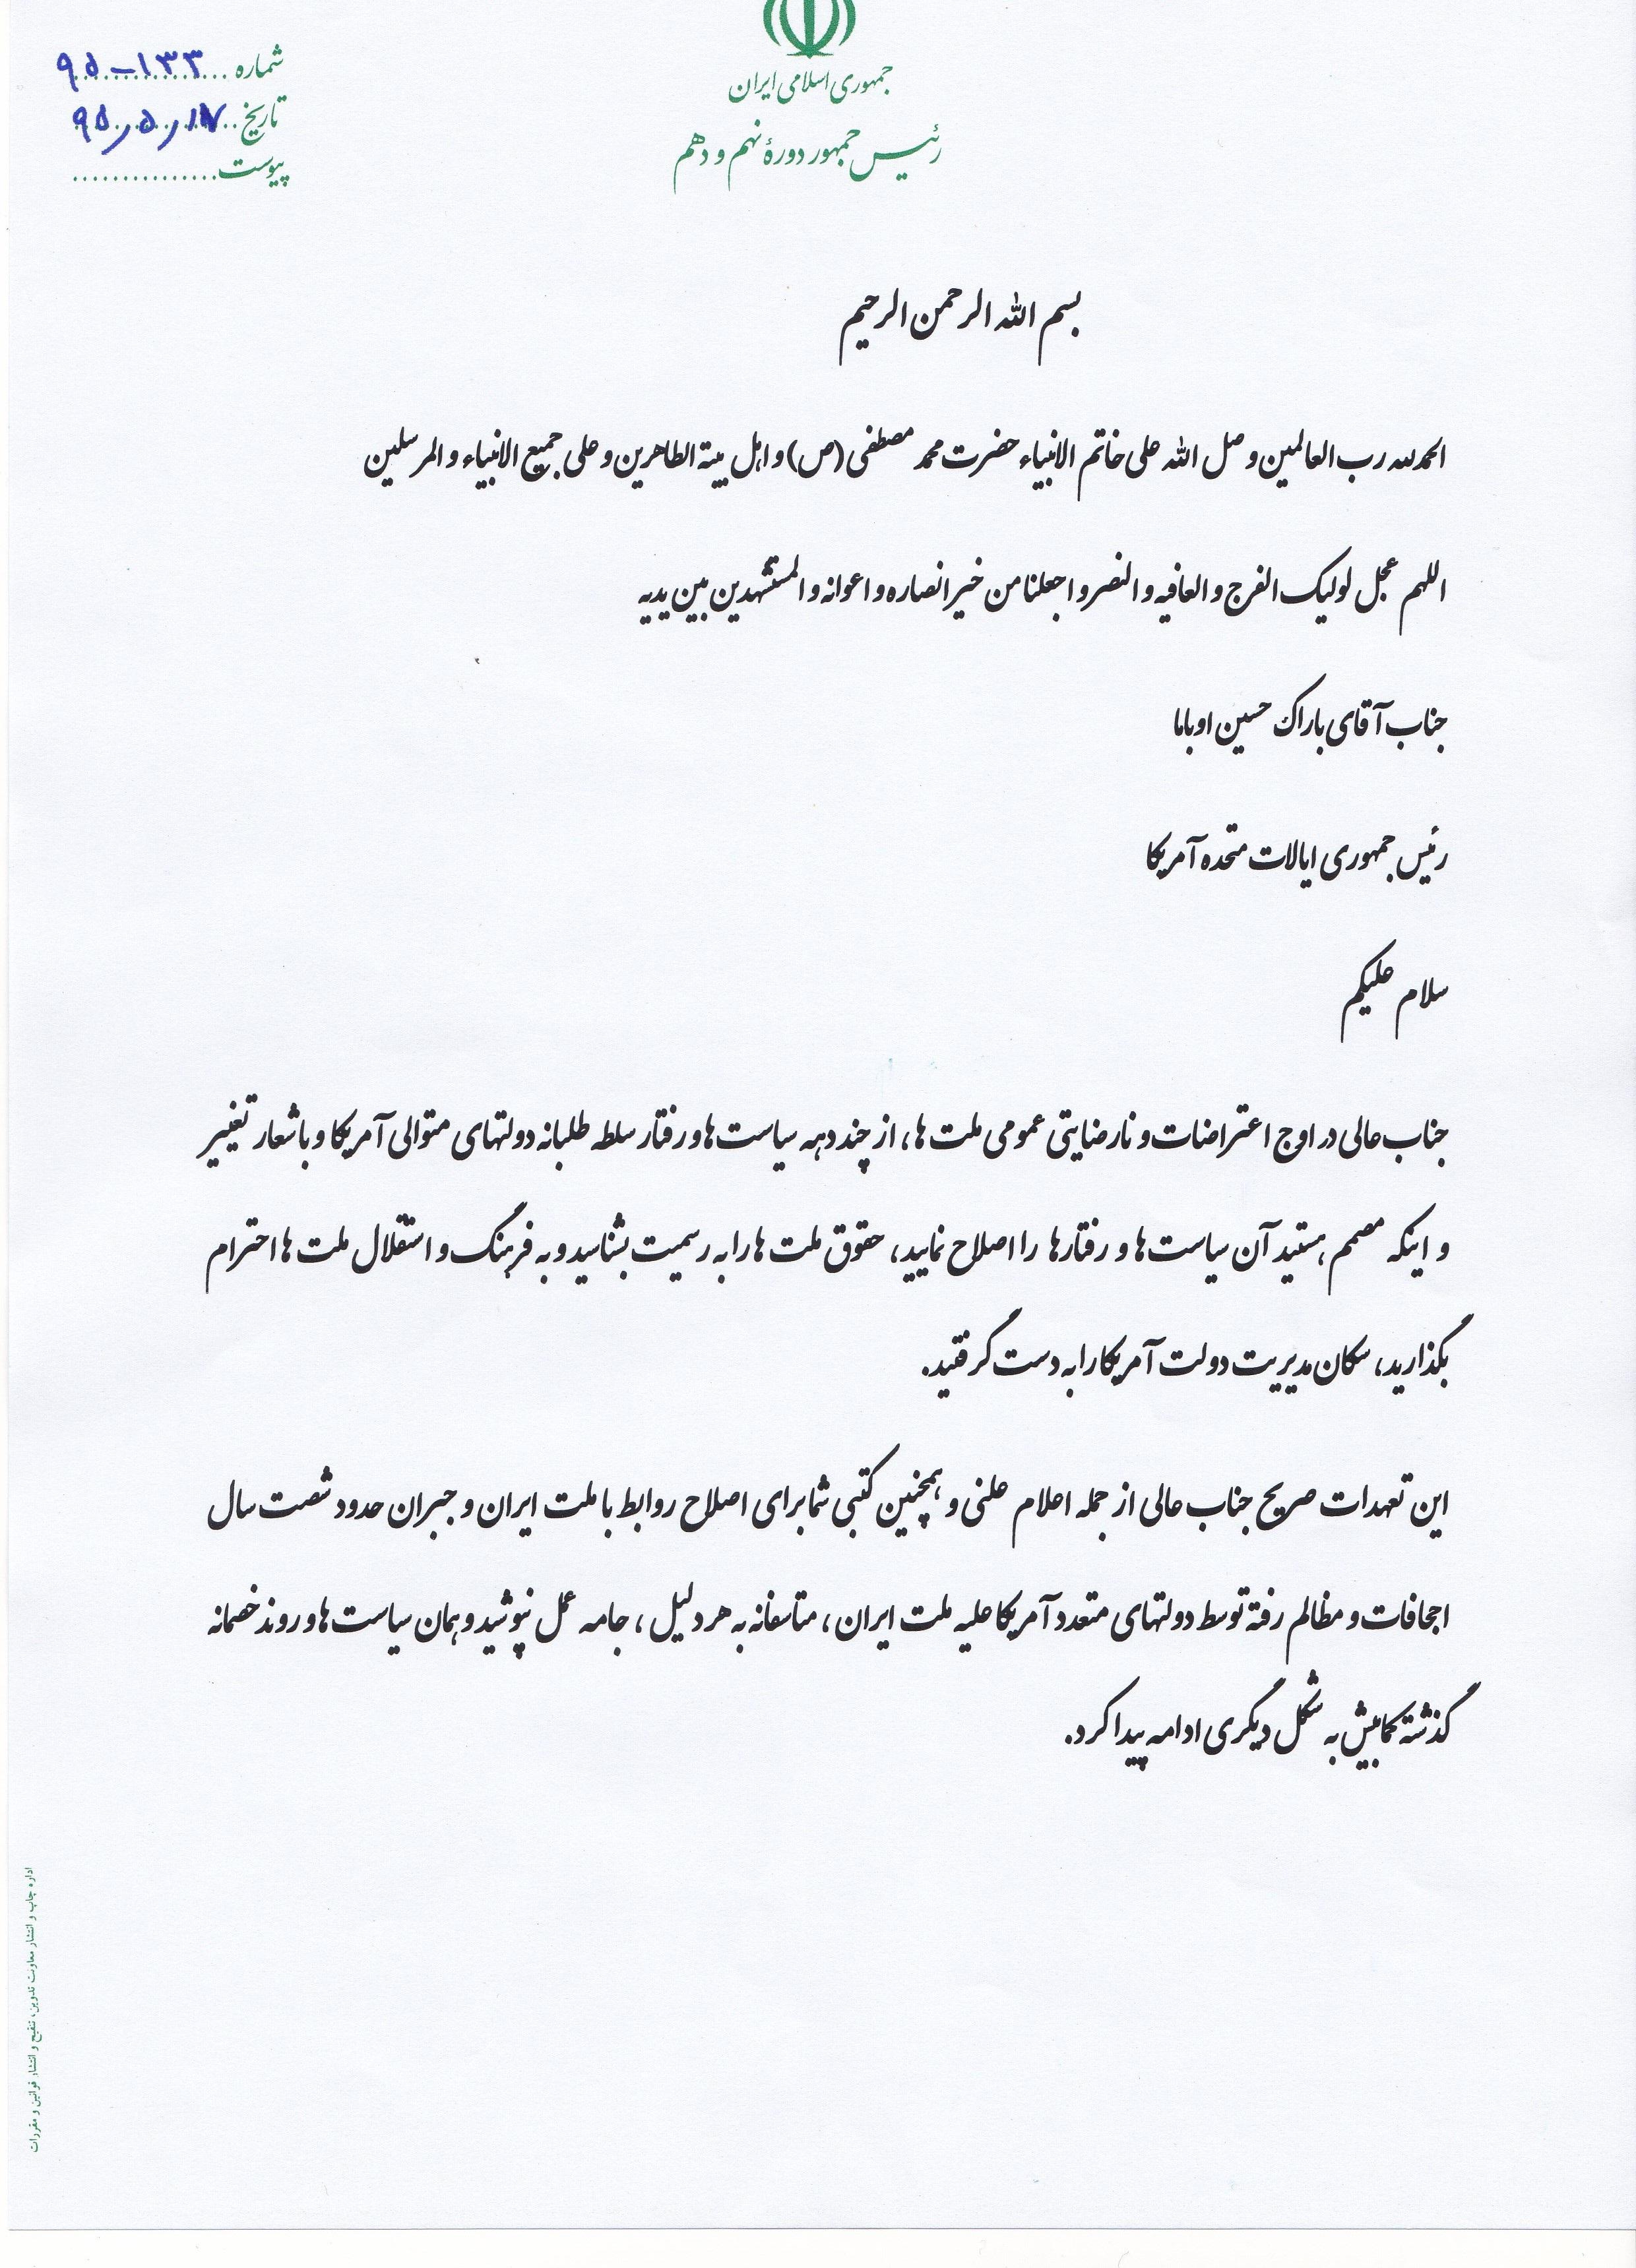 متن نامه جدید احمدی نژاد به اوباما منتشر شد+ تصاویر متن نامه